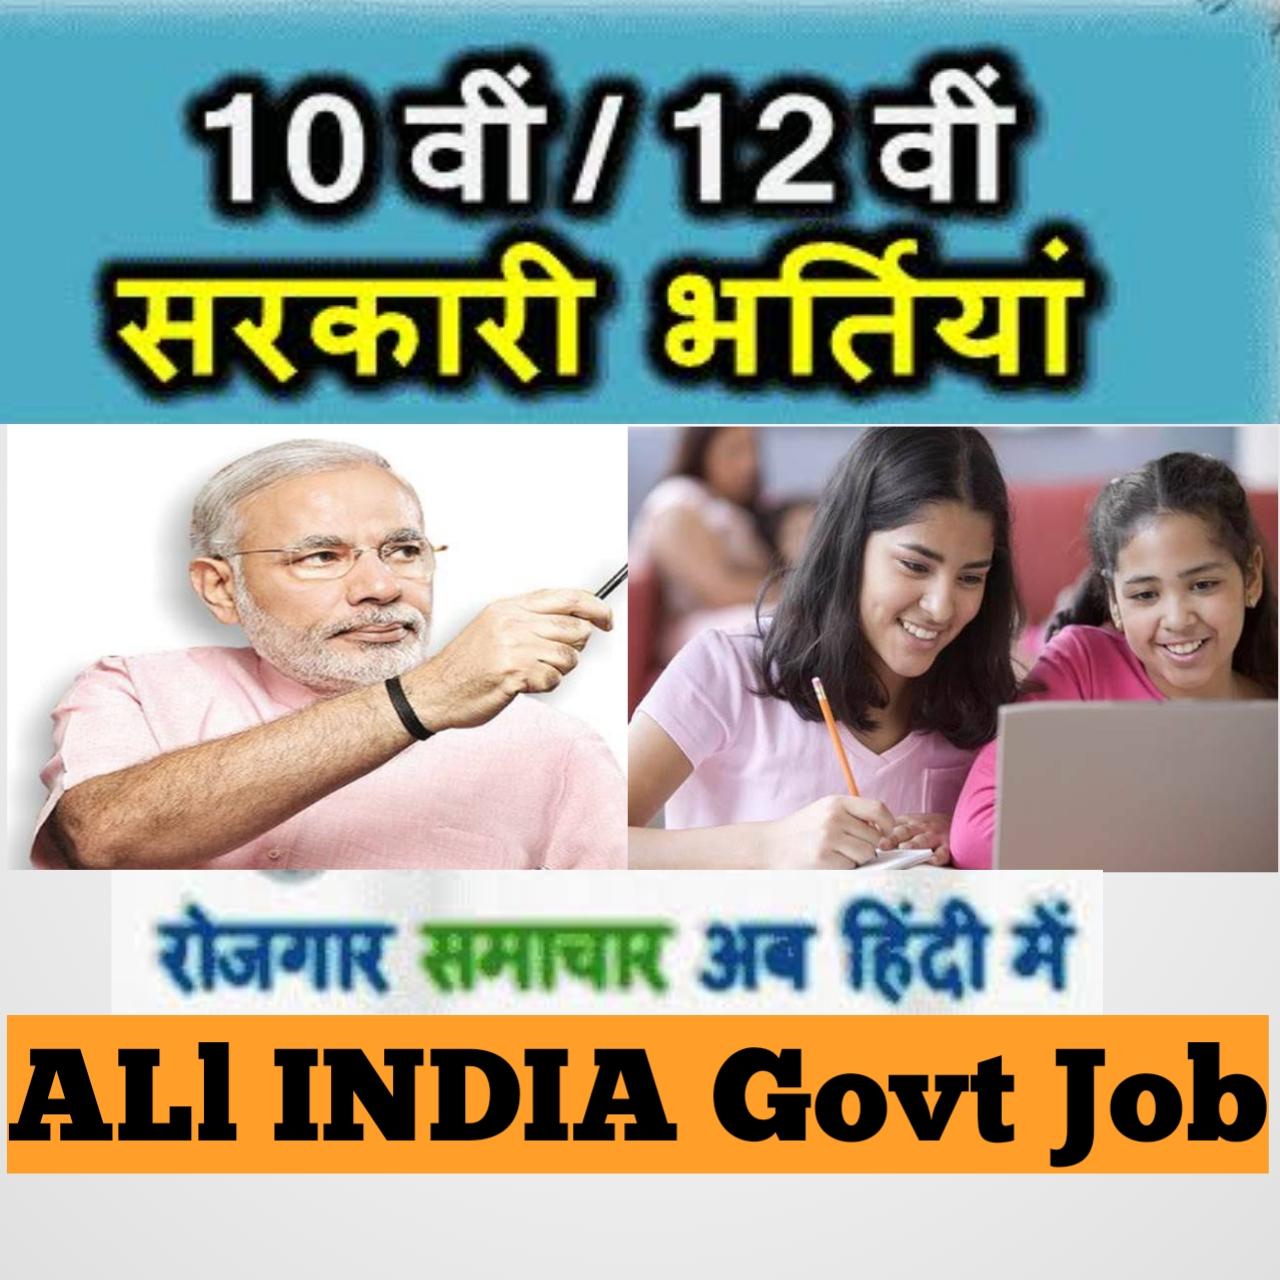 https://www.sarkariresulthindime.com/2019/06/10th-12th-pass-sarkari-naukri.html?m=1